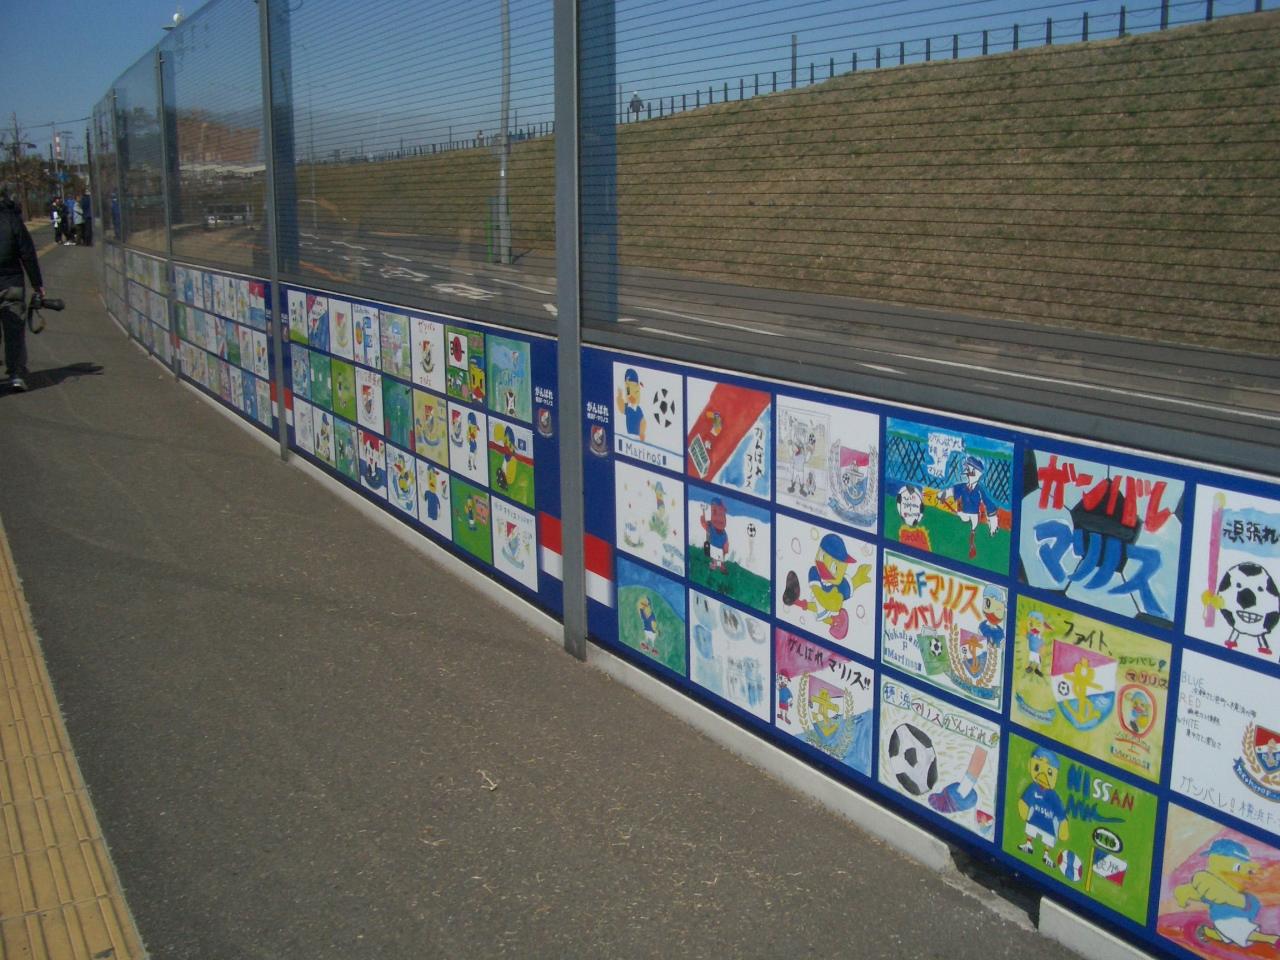 横浜市内の小学6年生661名が描いた応援メッセージ